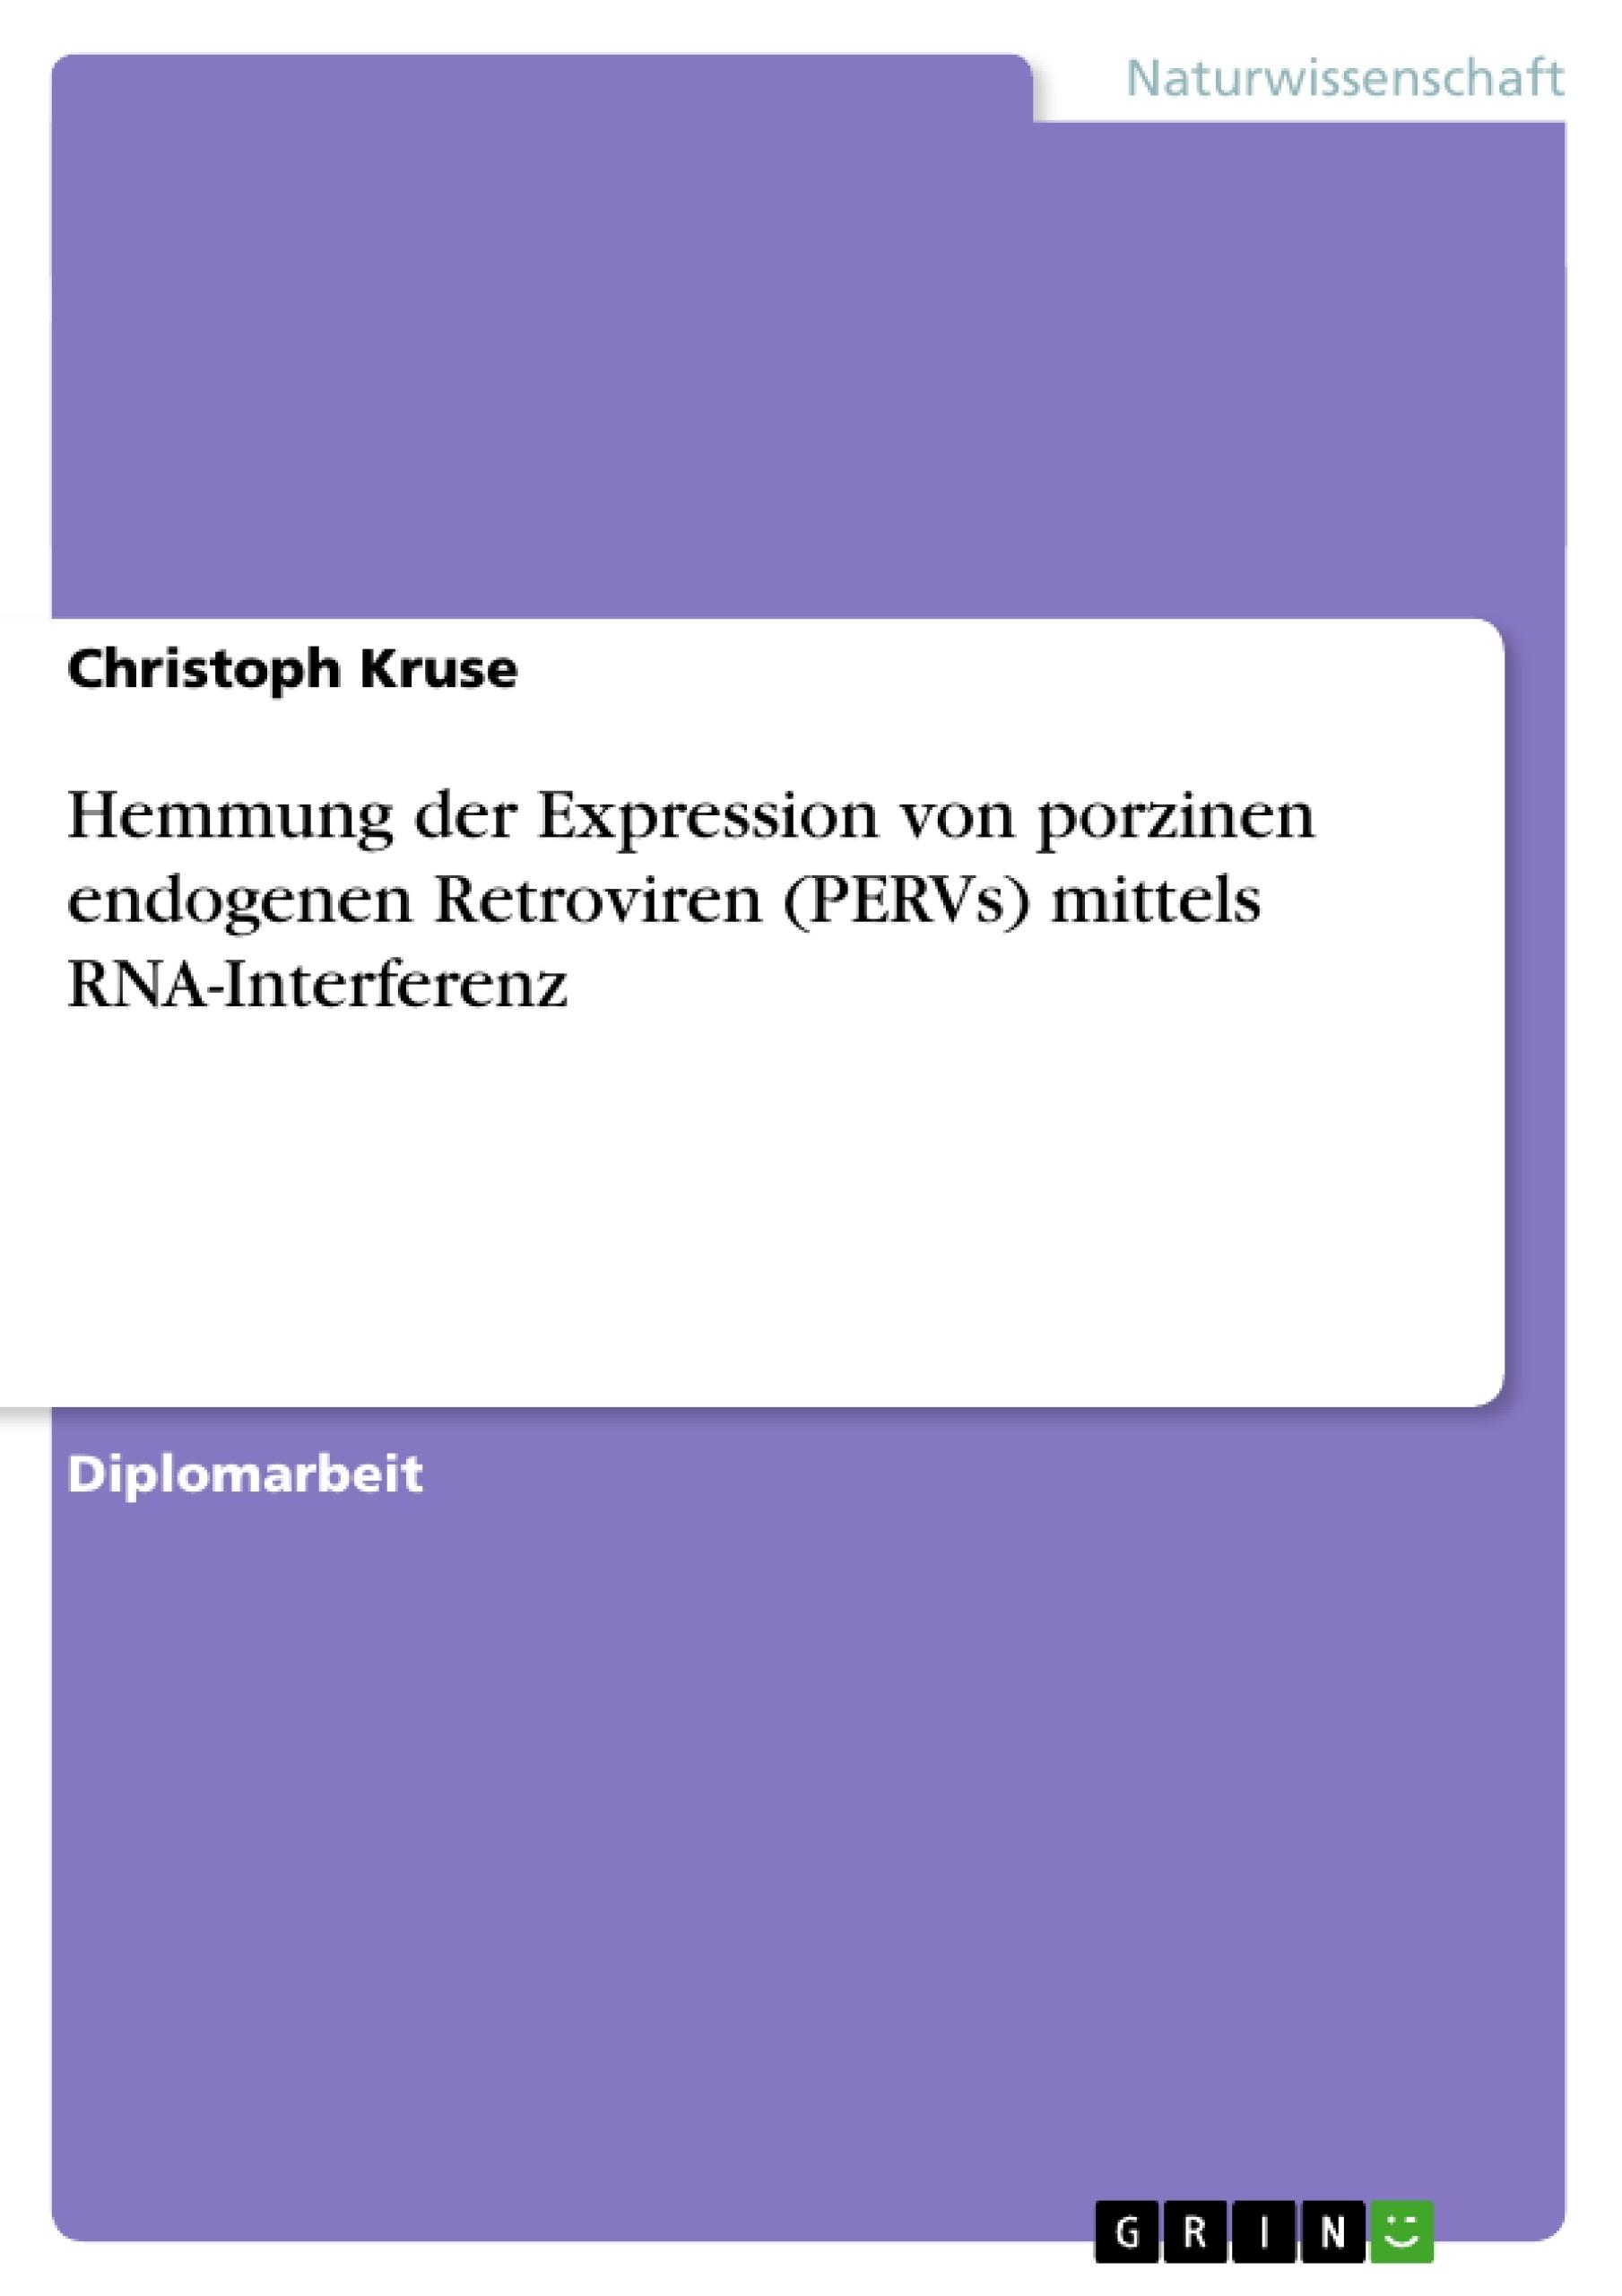 Titel: Hemmung der Expression von porzinen endogenen Retroviren (PERVs) mittels RNA-Interferenz